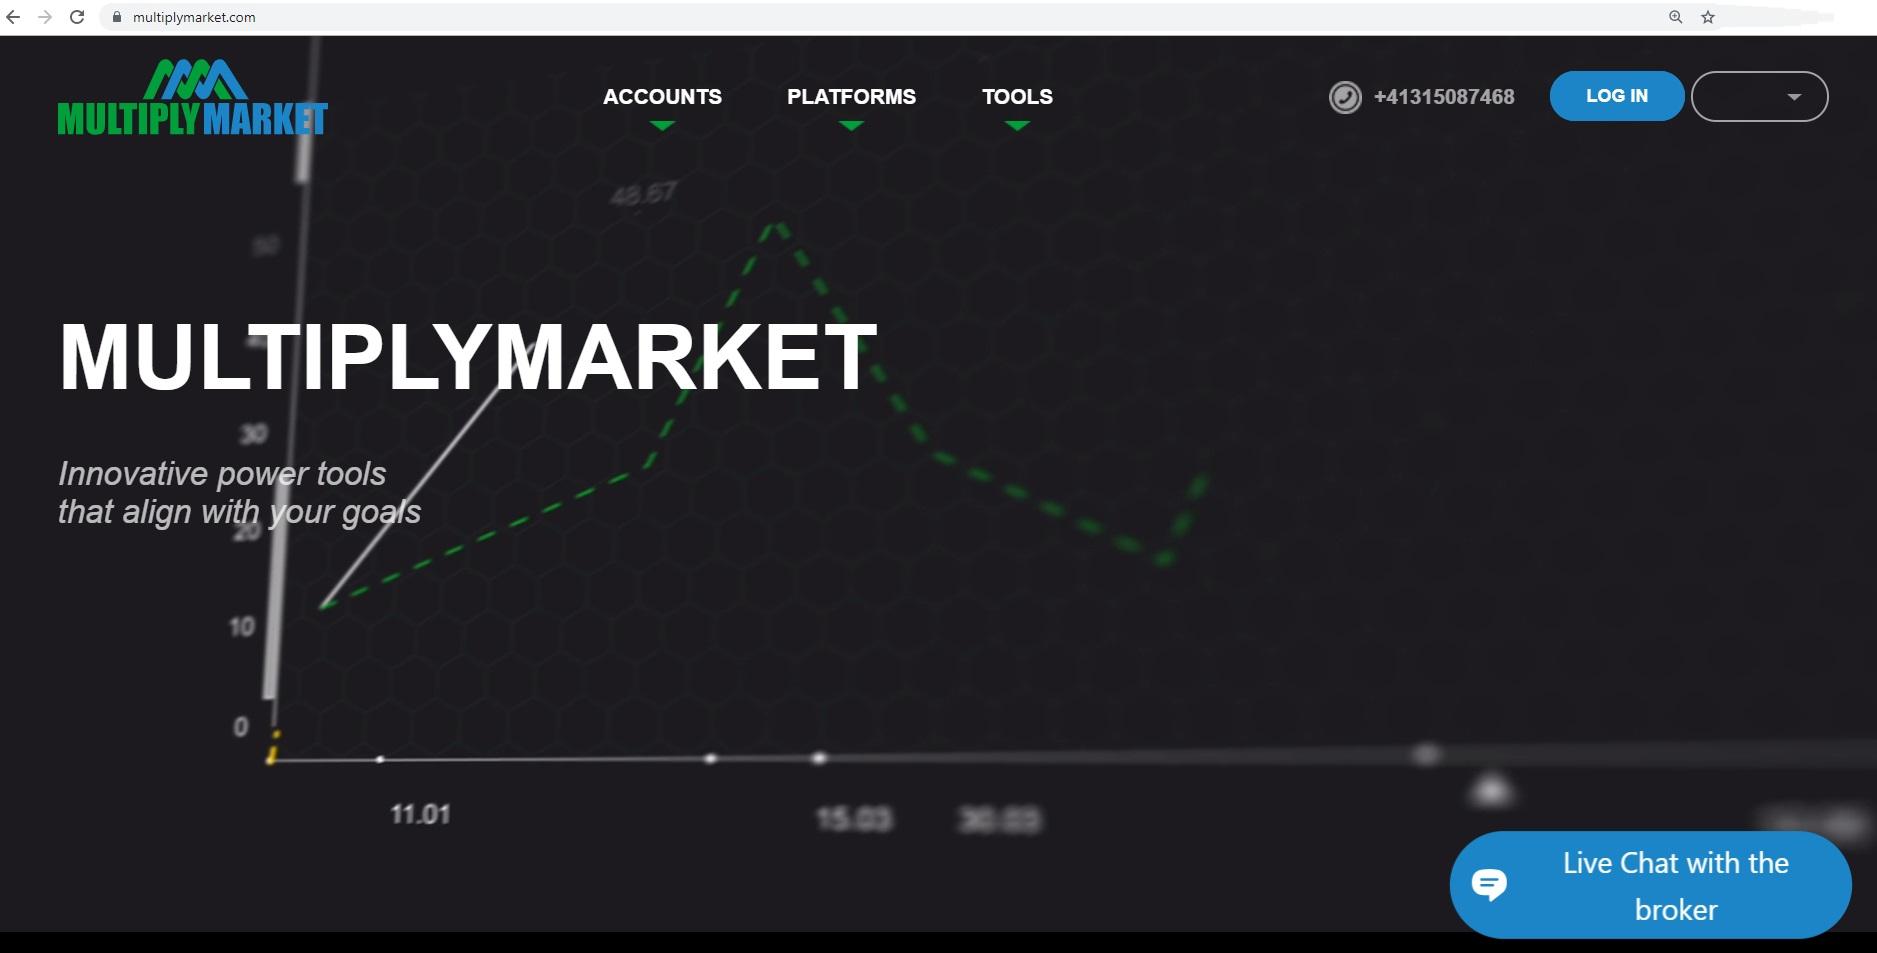 MultiplyMarket